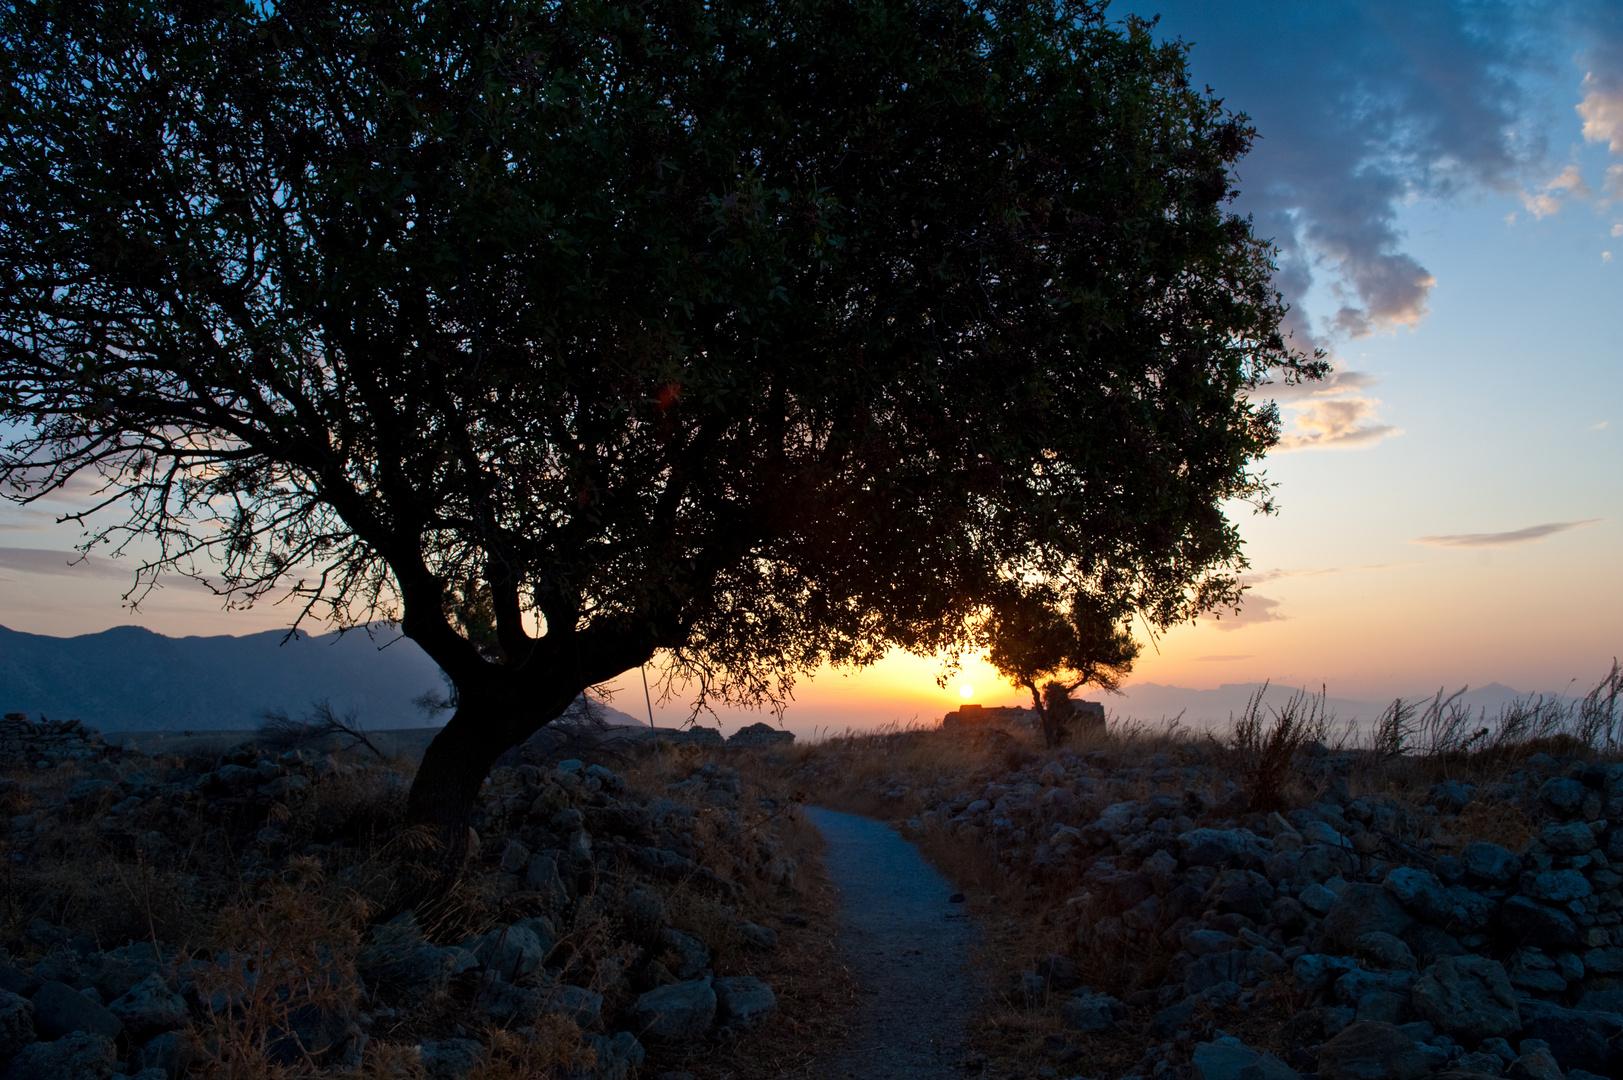 Sonnenaufgang in Kos II